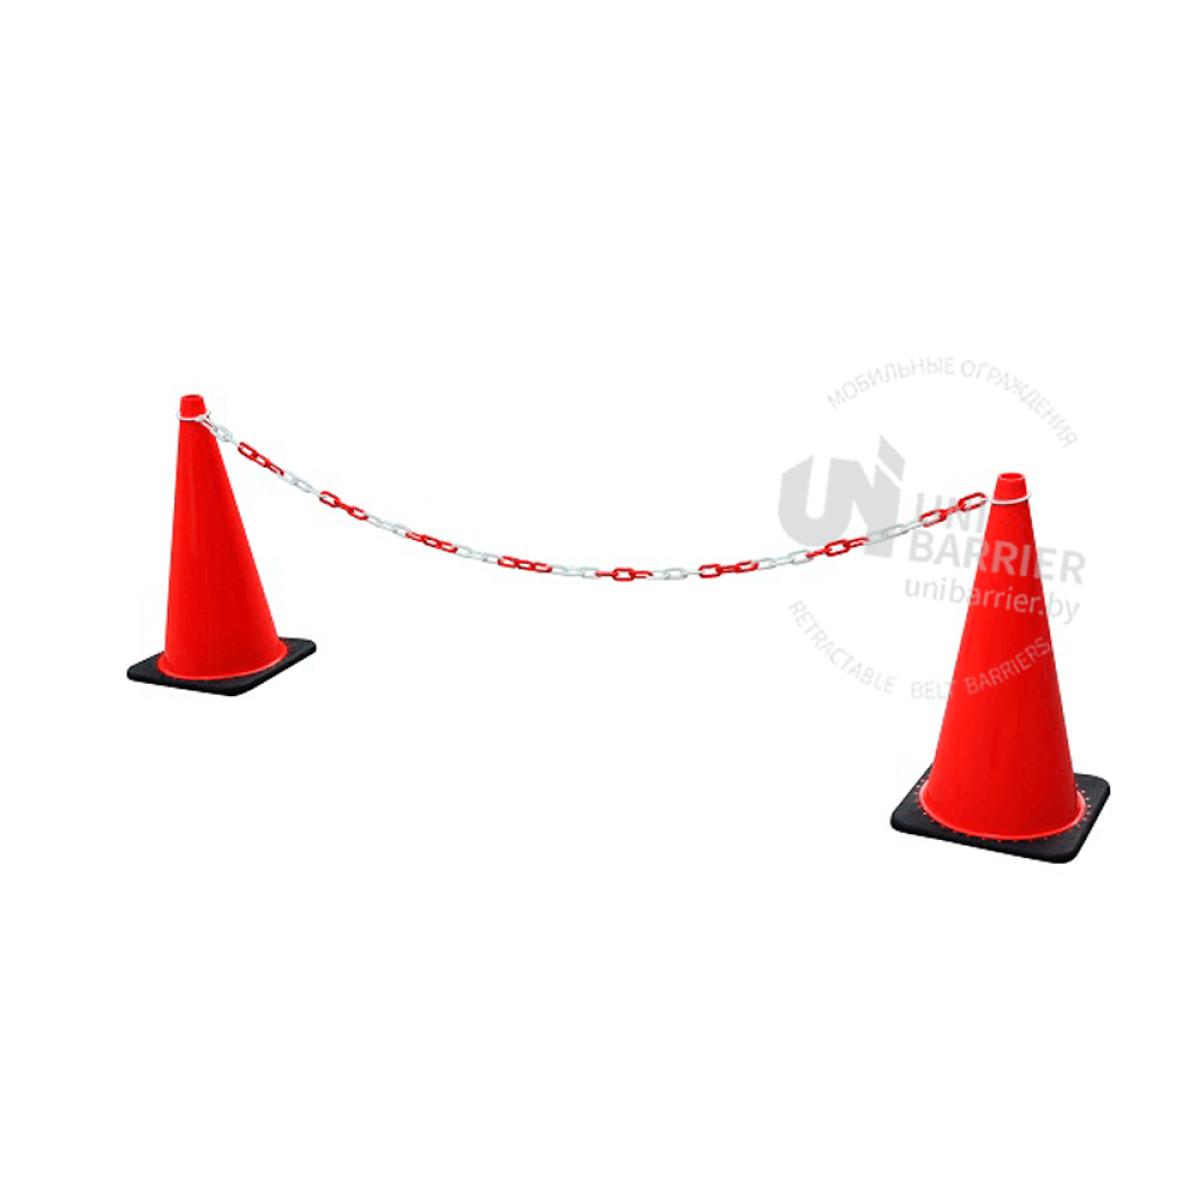 9818 Цепь для конусов красно-белая 2 метра